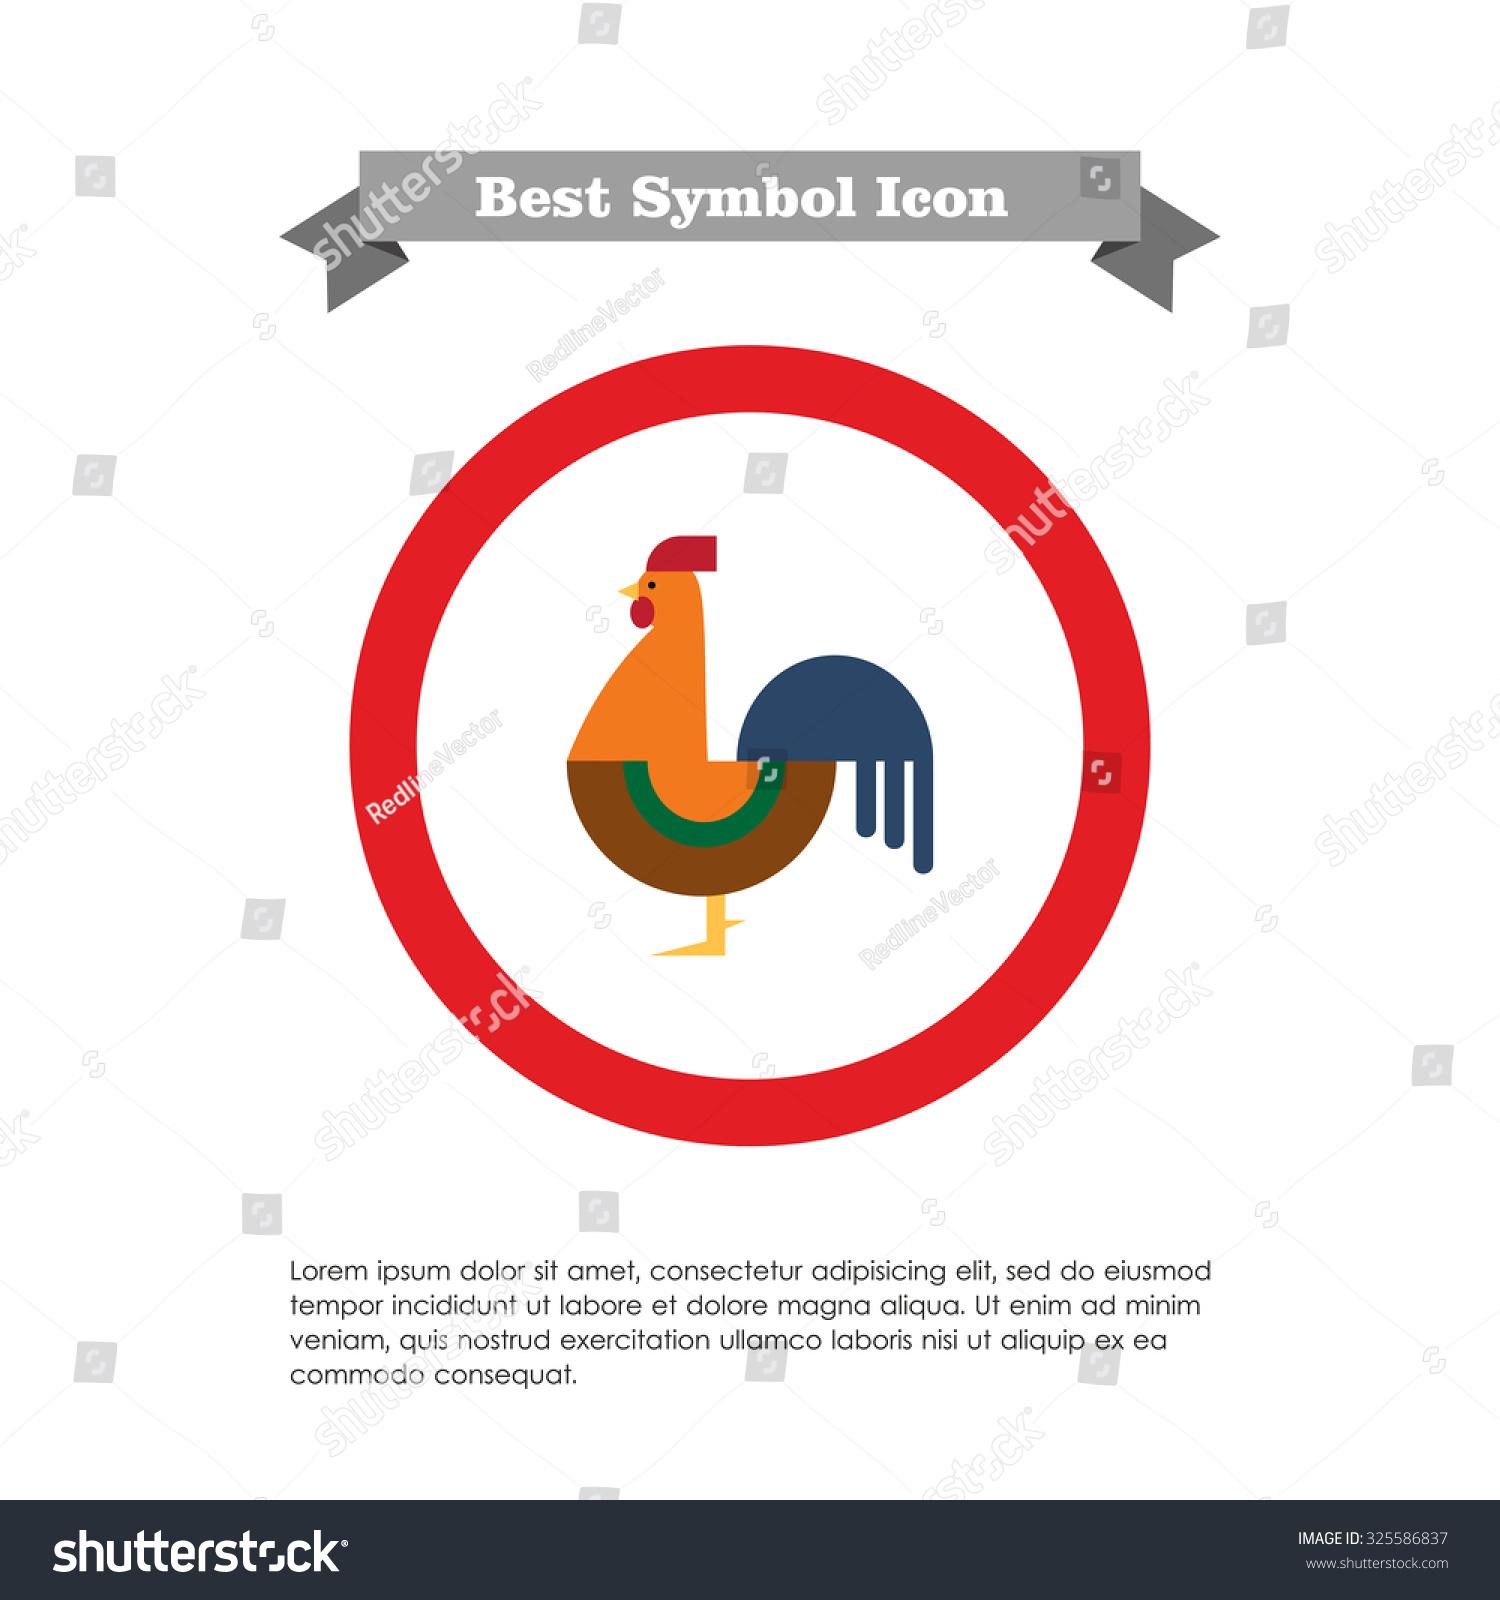 小公鸡图标-动物/野生生物,符号/标志-海洛创意()-合.